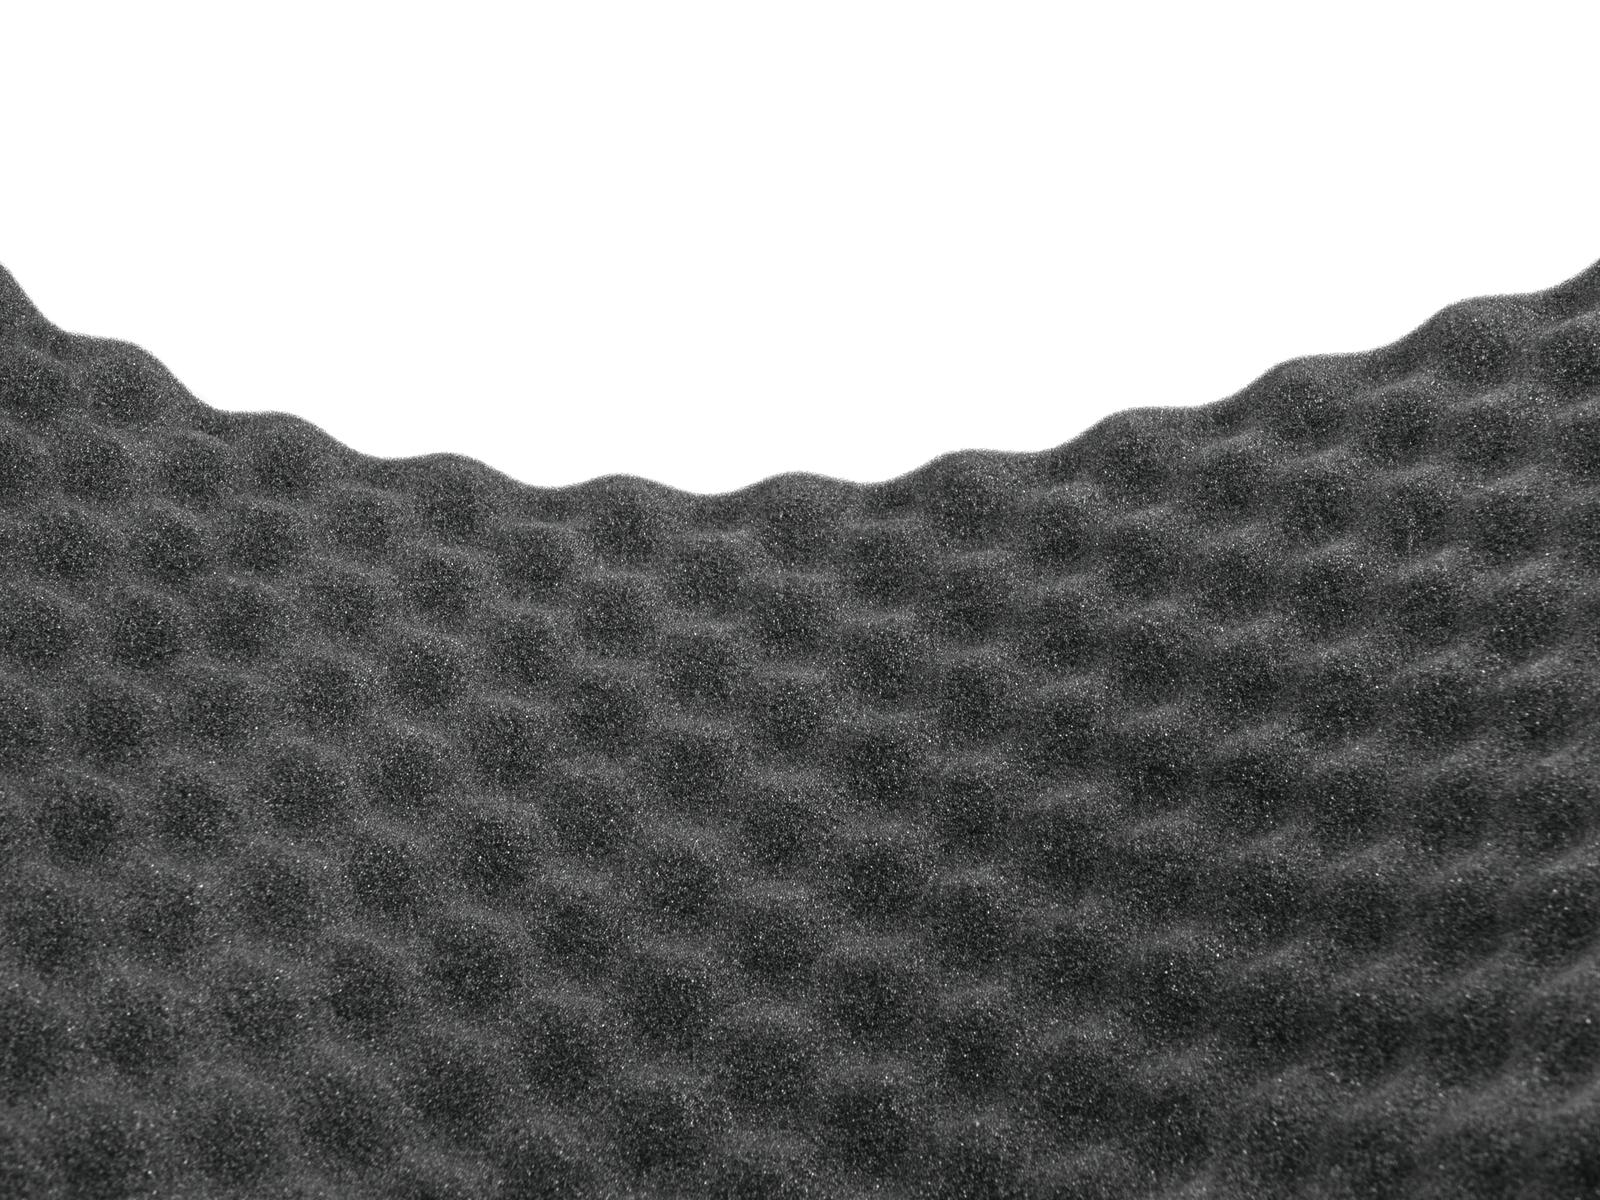 isoliermatte-noppen-ha-he-50mm-100x206cm